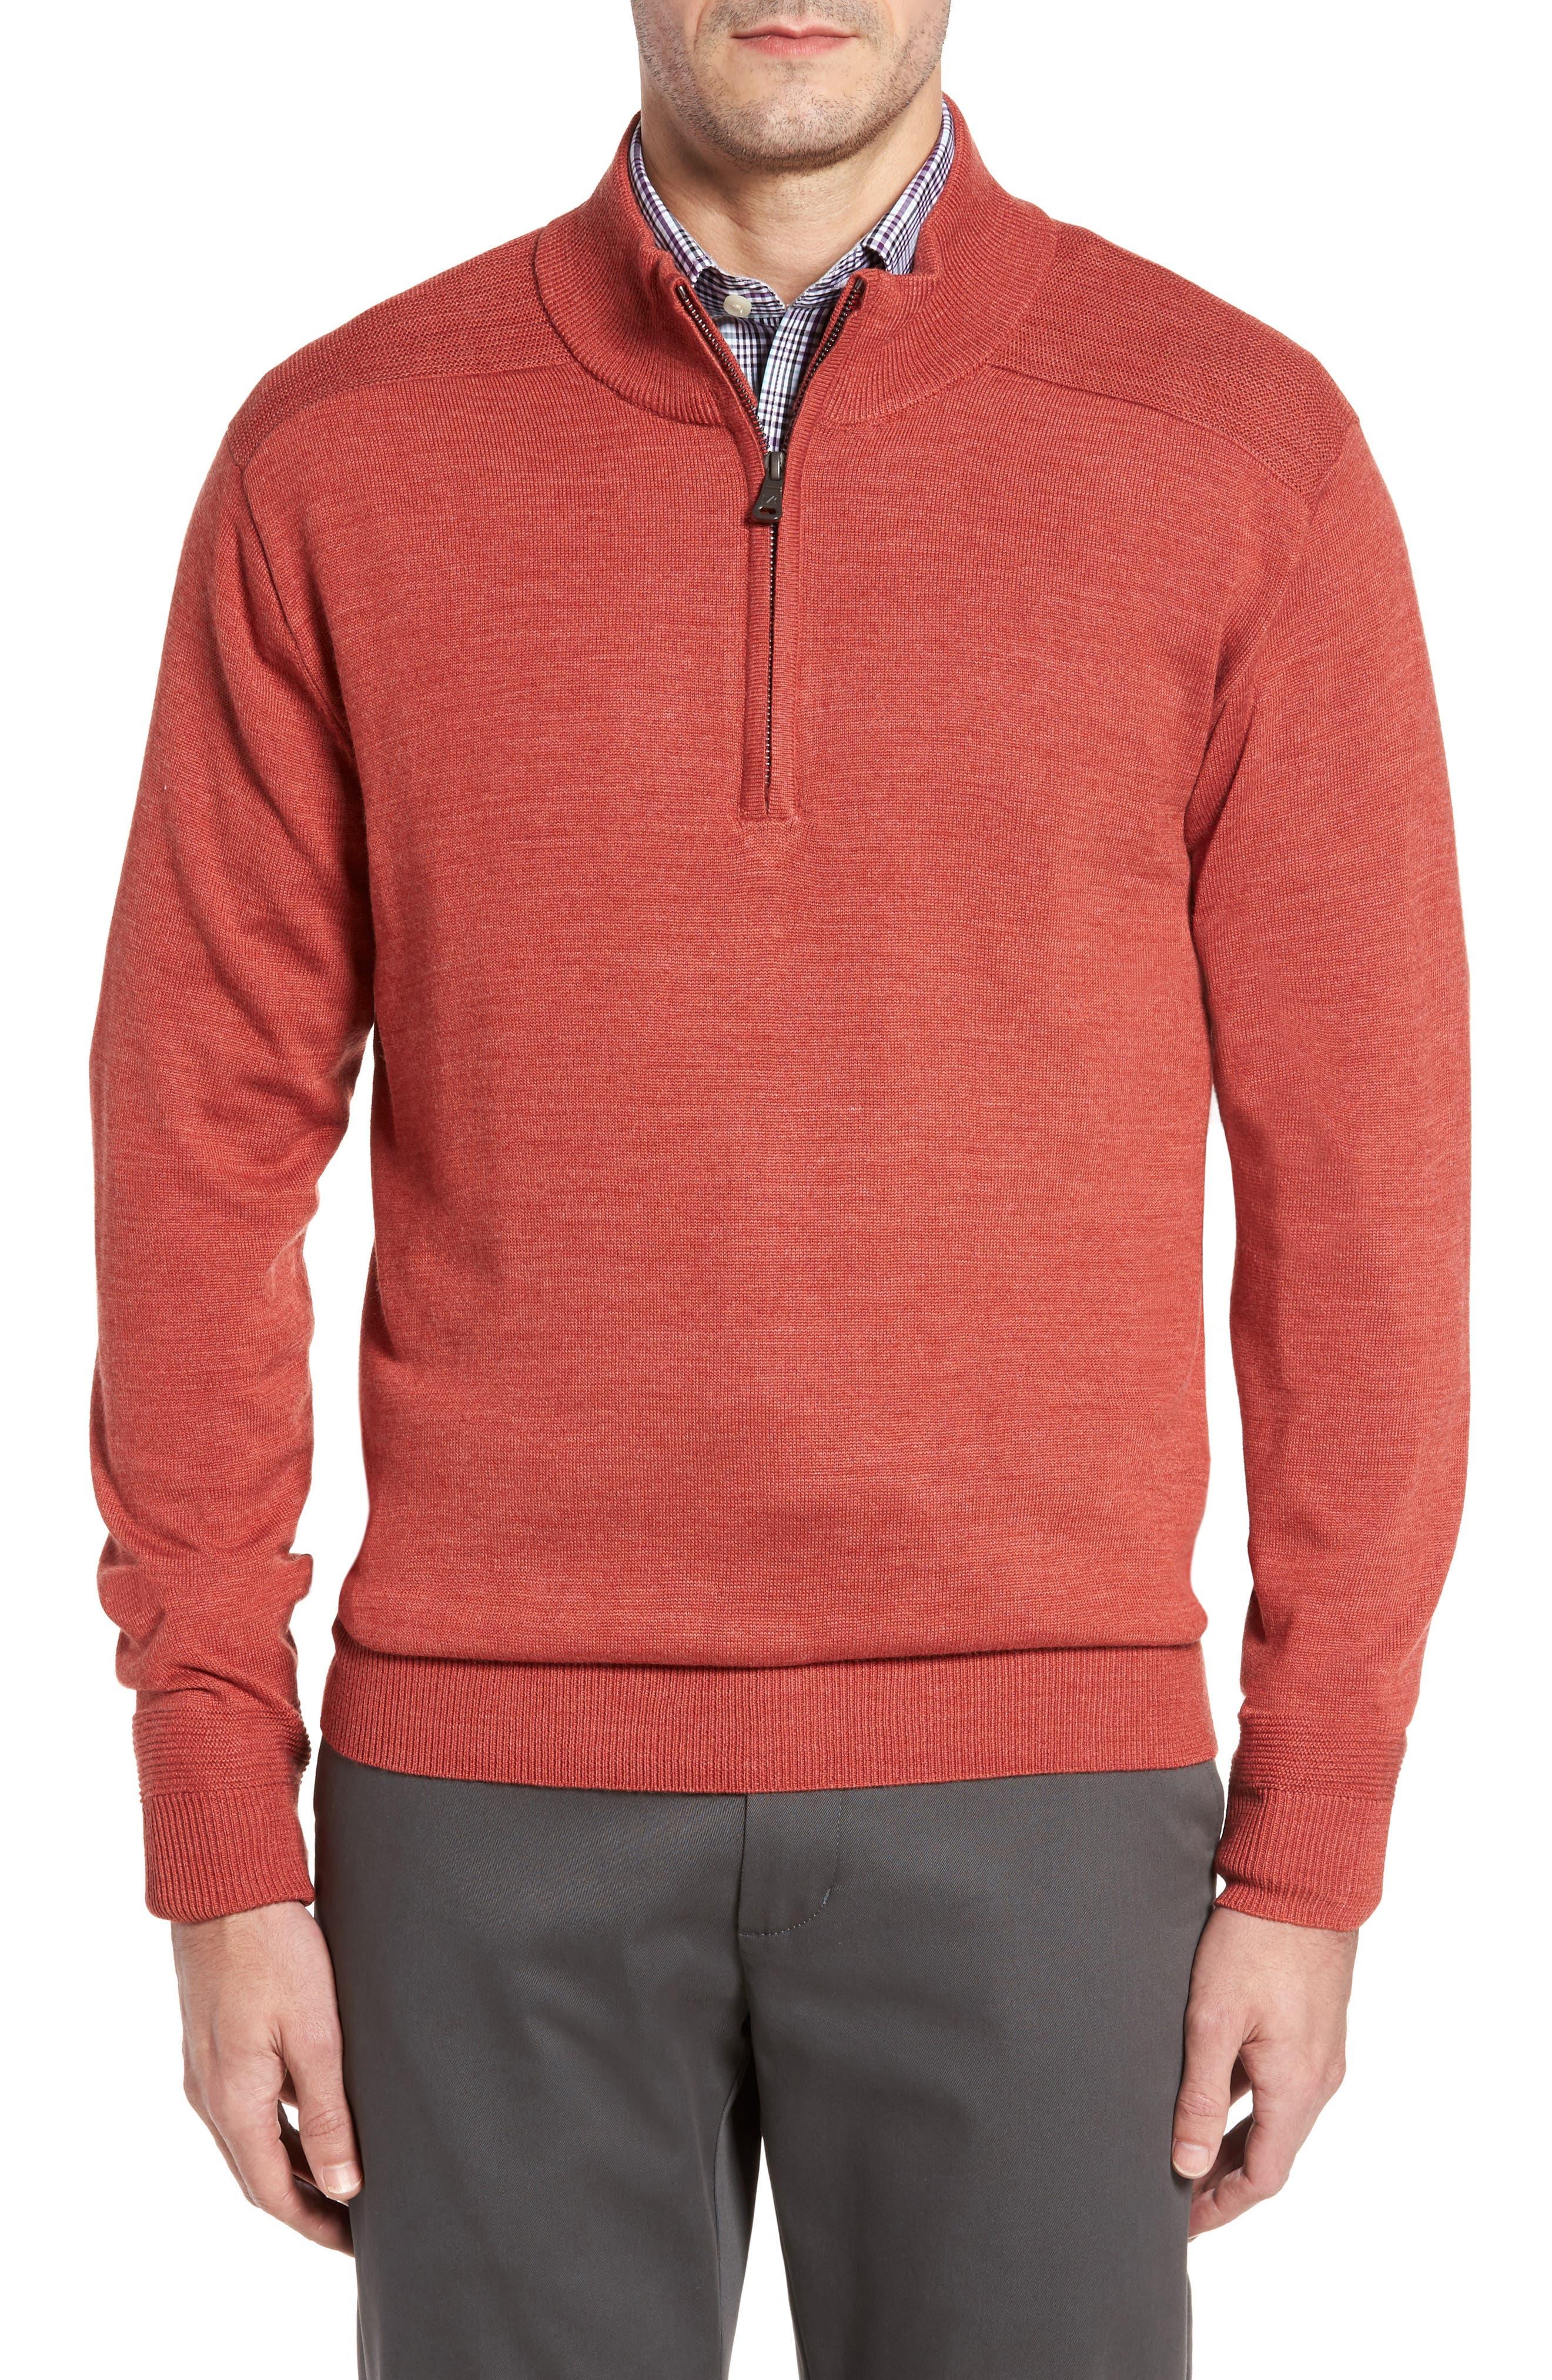 Alternate Image 1 Selected - Cutter & Buck Douglas Quarter Zip Wool Blend Sweater